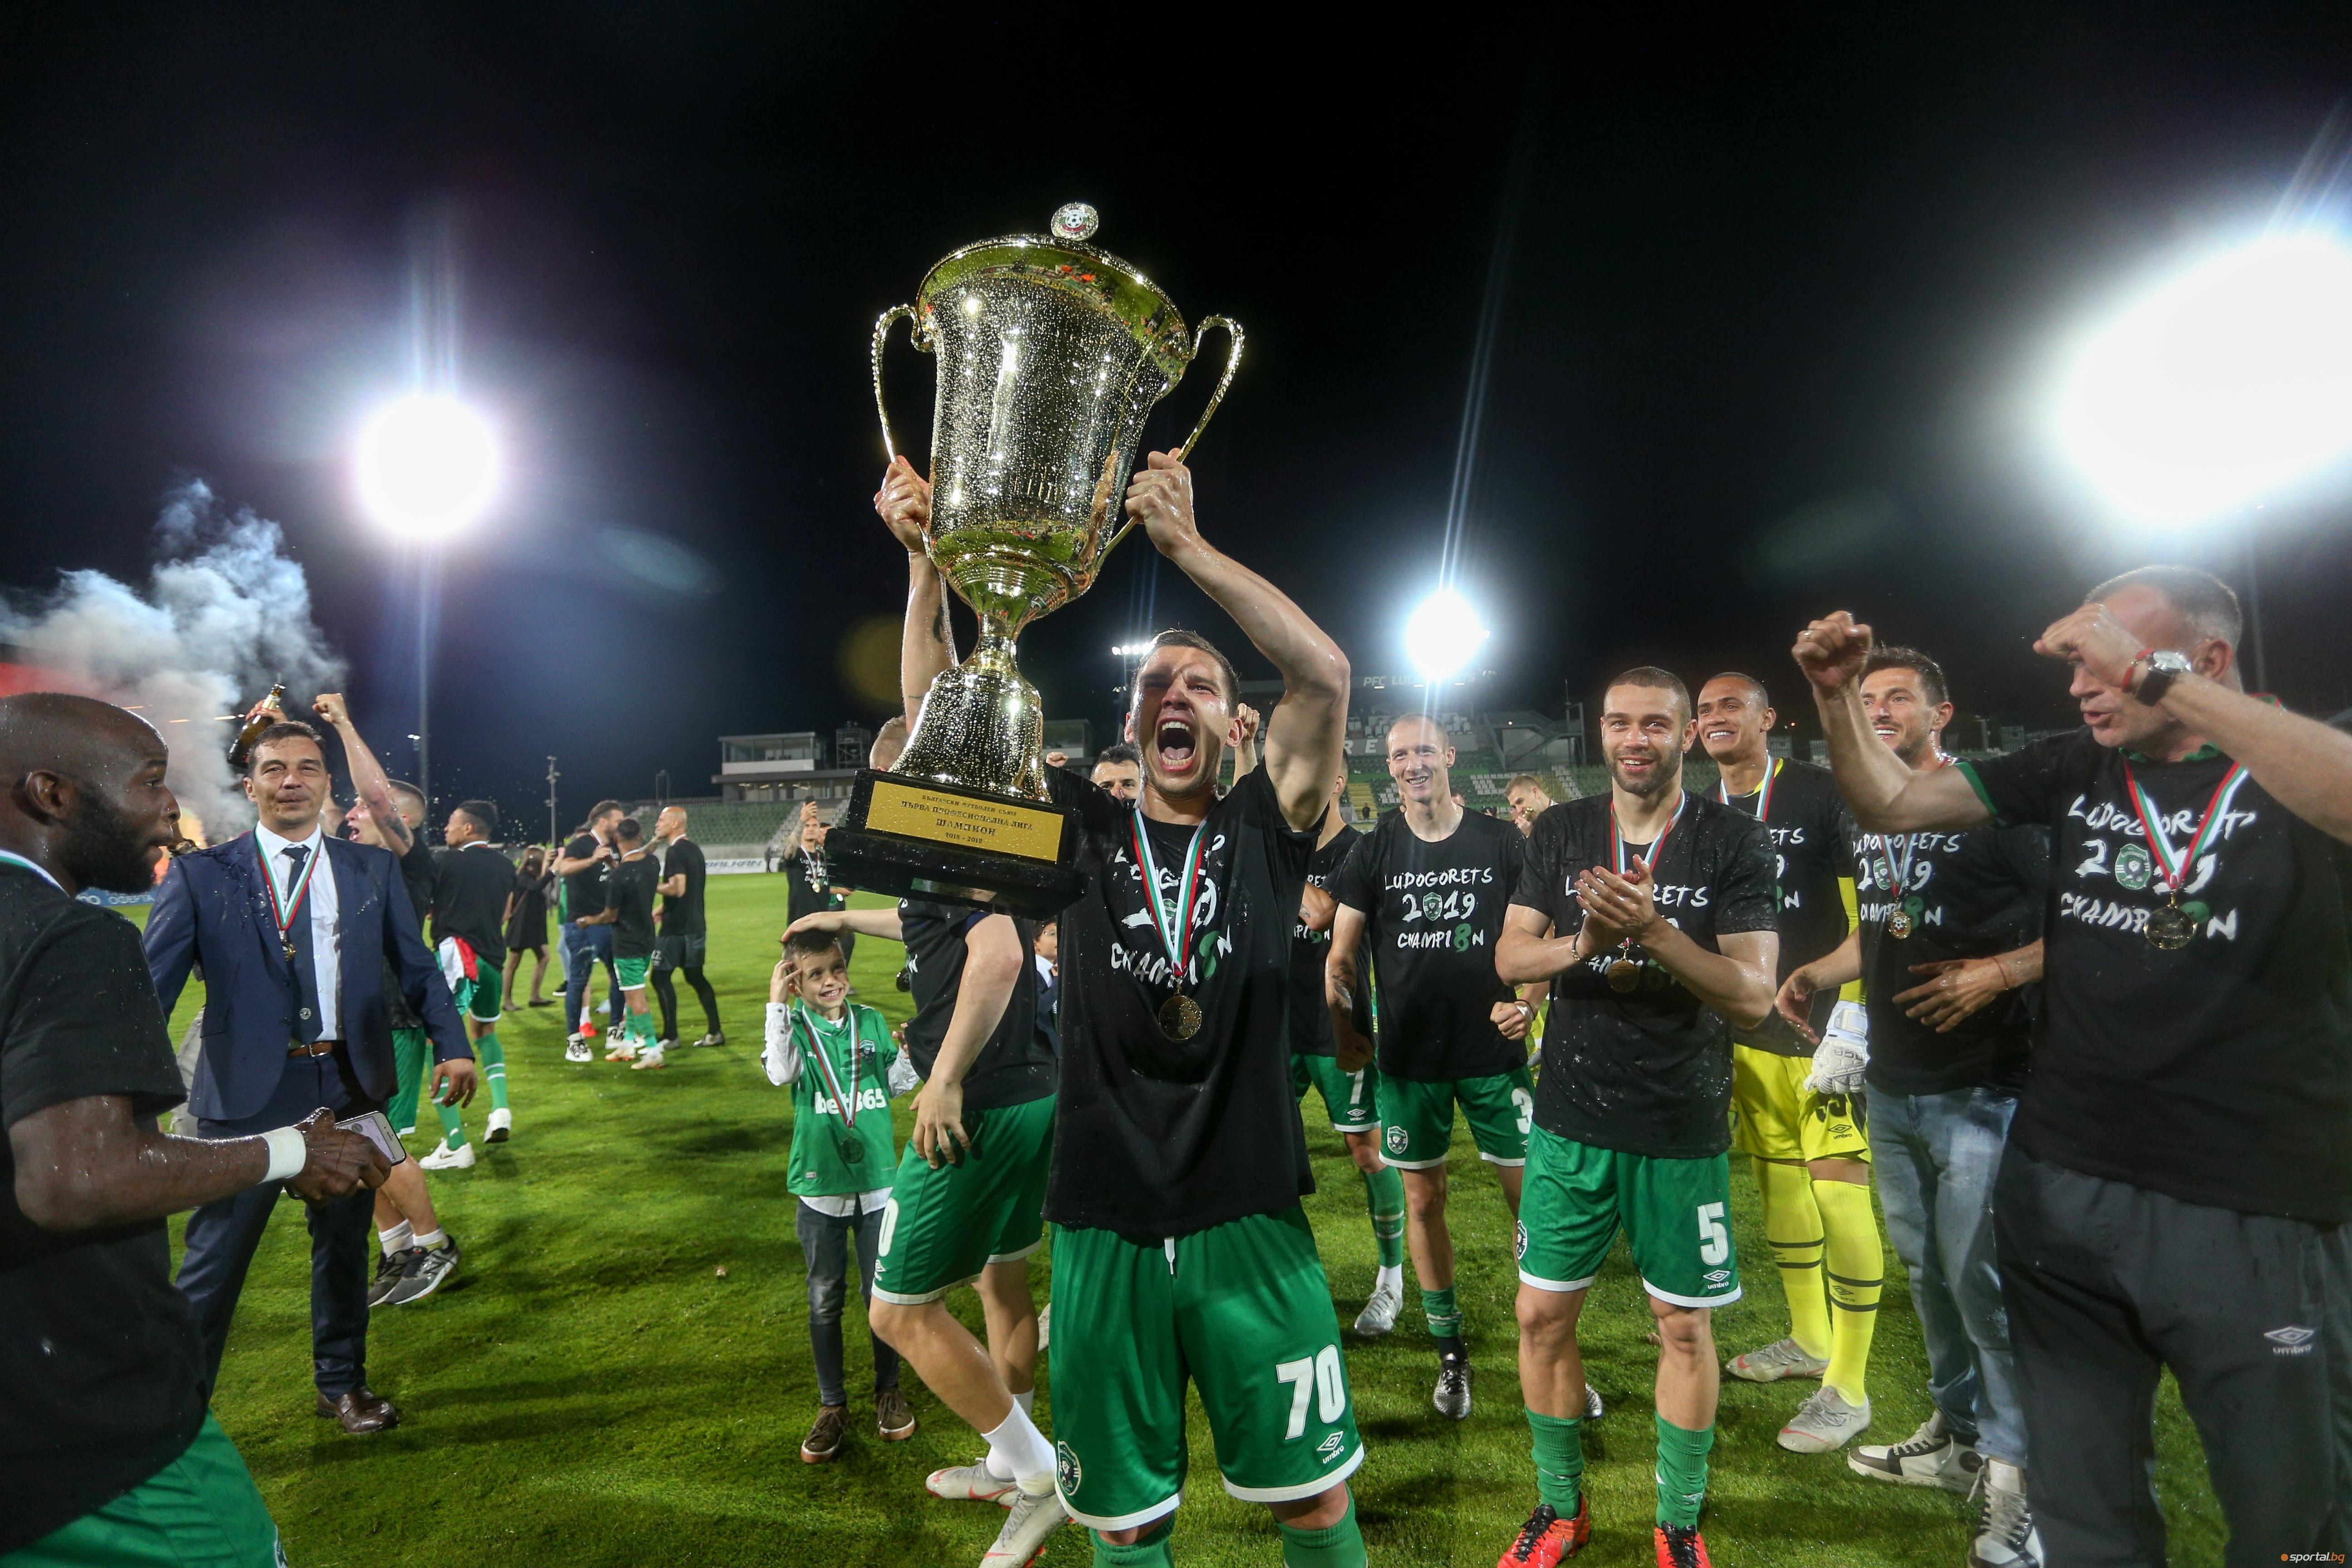 Вицепрезидентът на Българския футболен съюз Атанас Фурнаджиев коментира перспективите пред